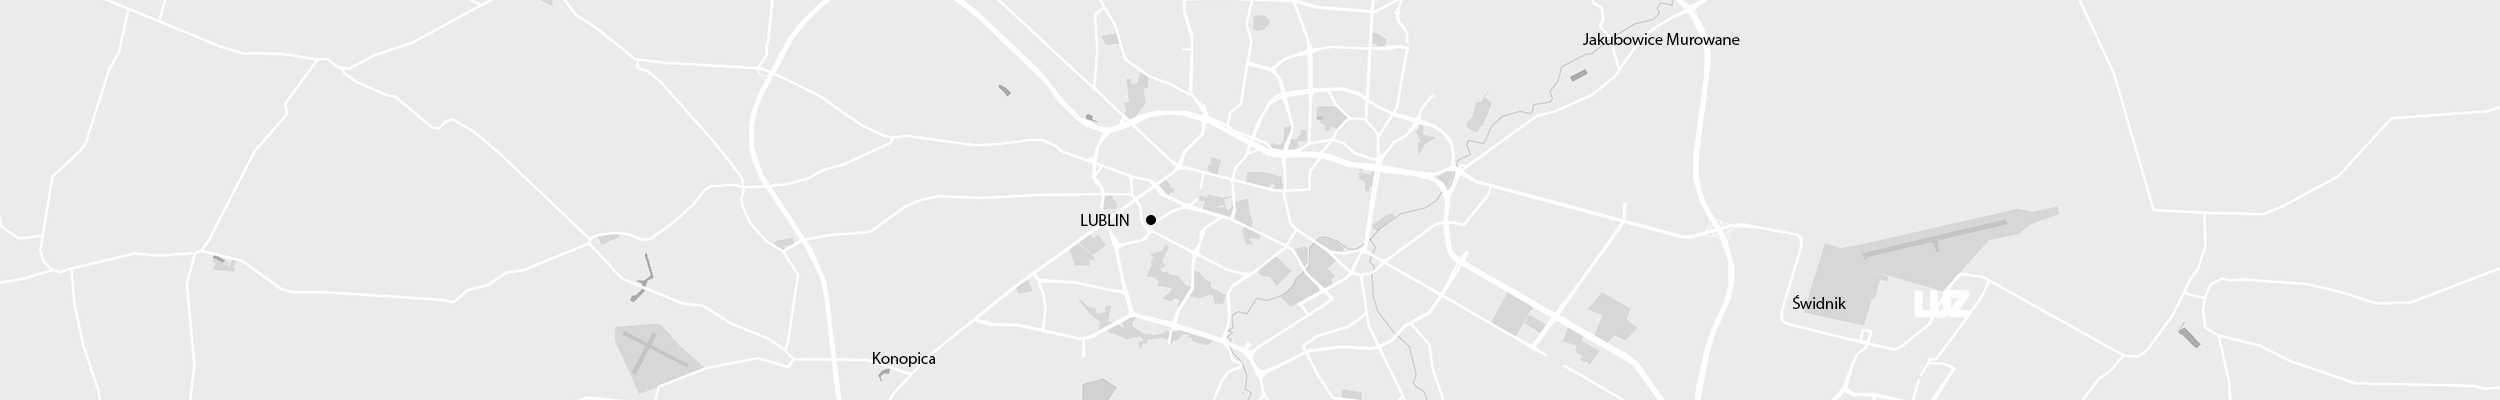 Mapka-Lublin